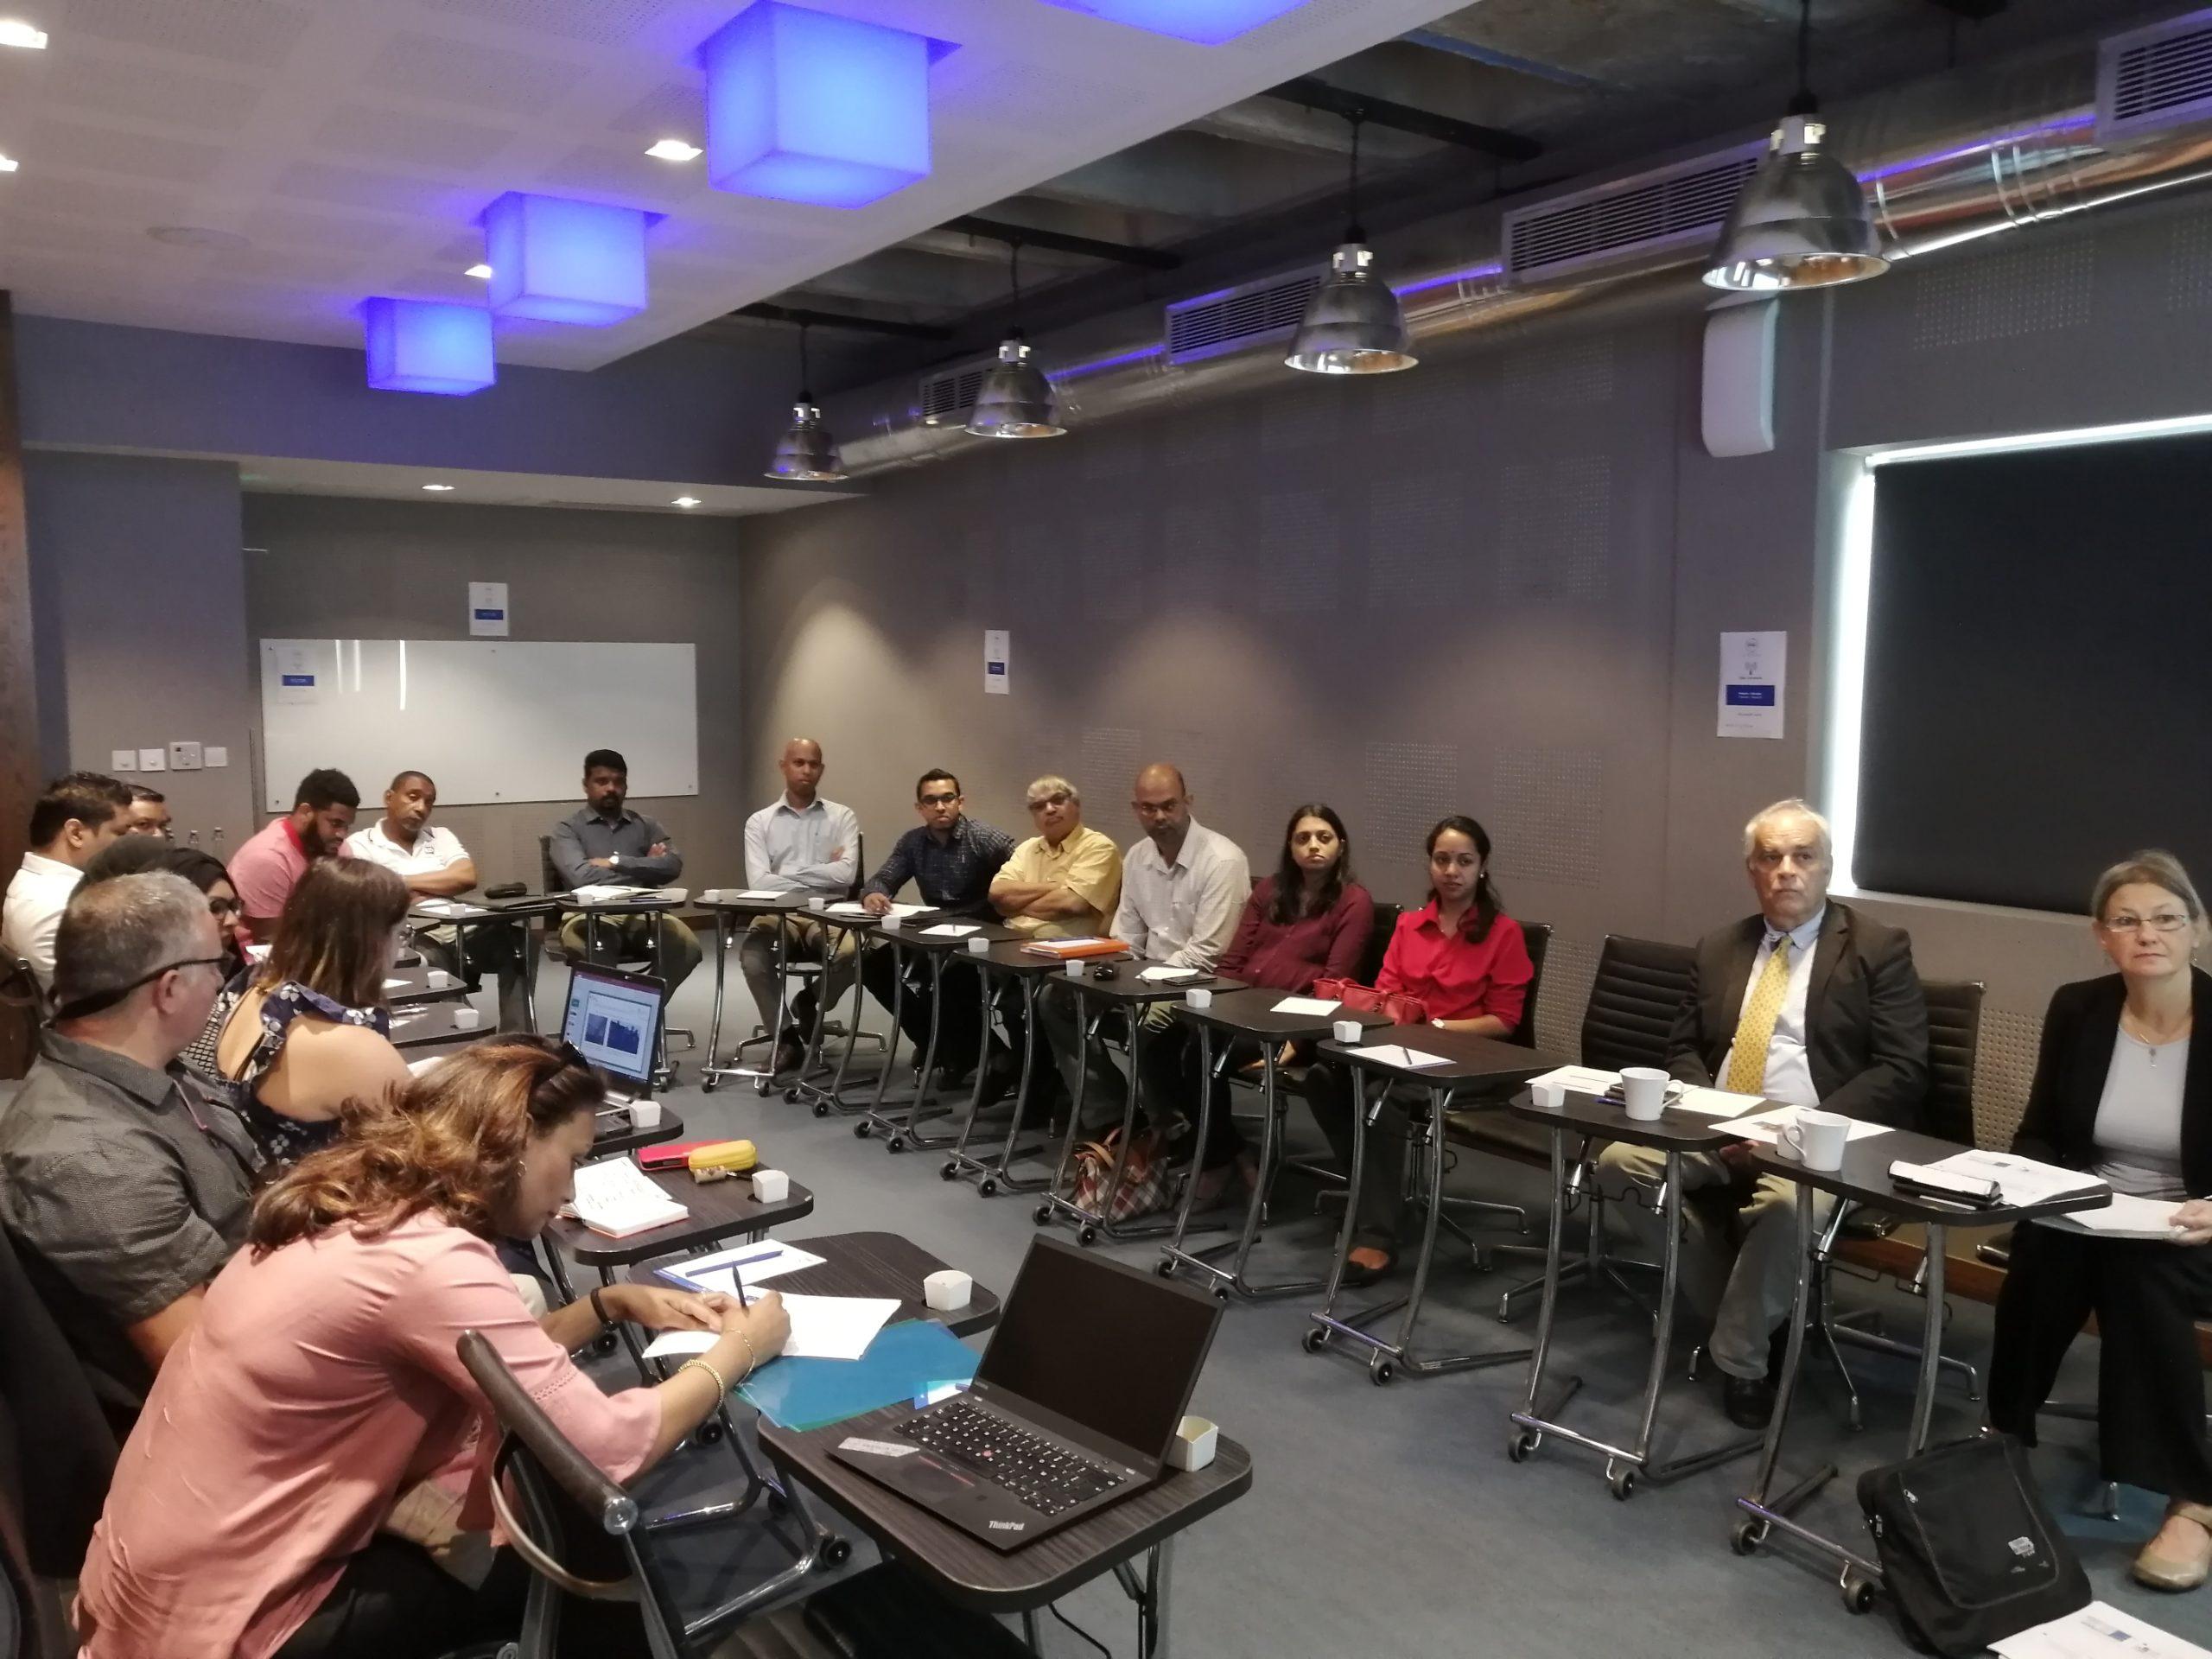 Μαυρίκιος παρουσίαση - Mauritius presentation - Thelcon